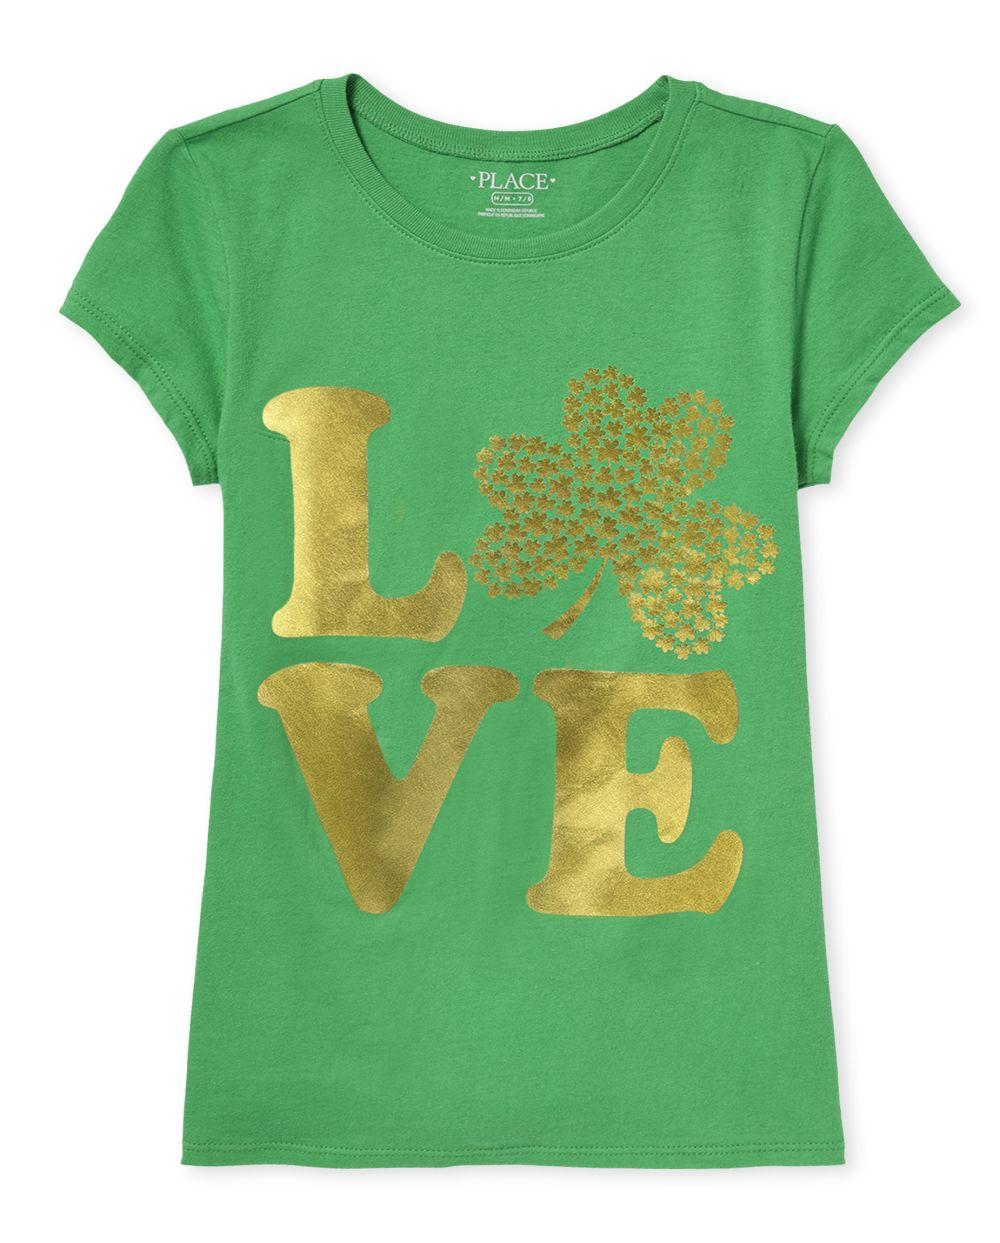 Girls Love Shamrock Graphic Tee